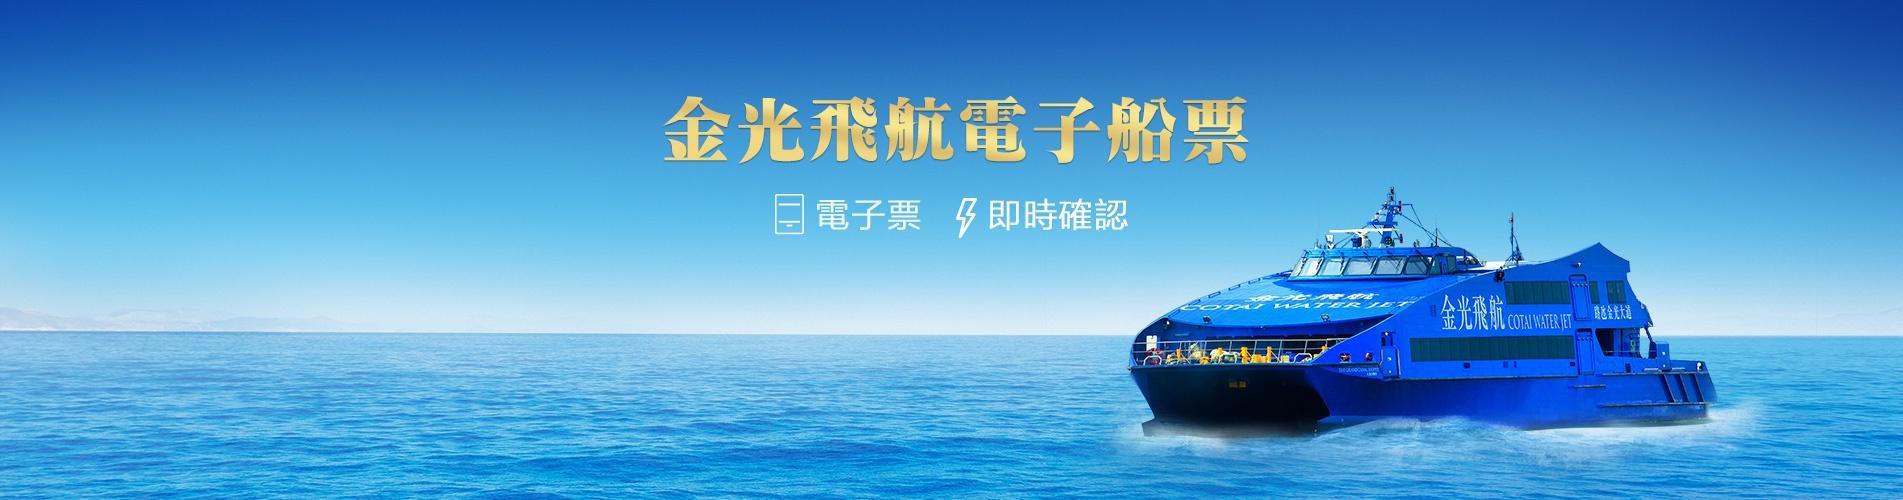 金光飛航電子船票 Cotai WaterJet E Tickets